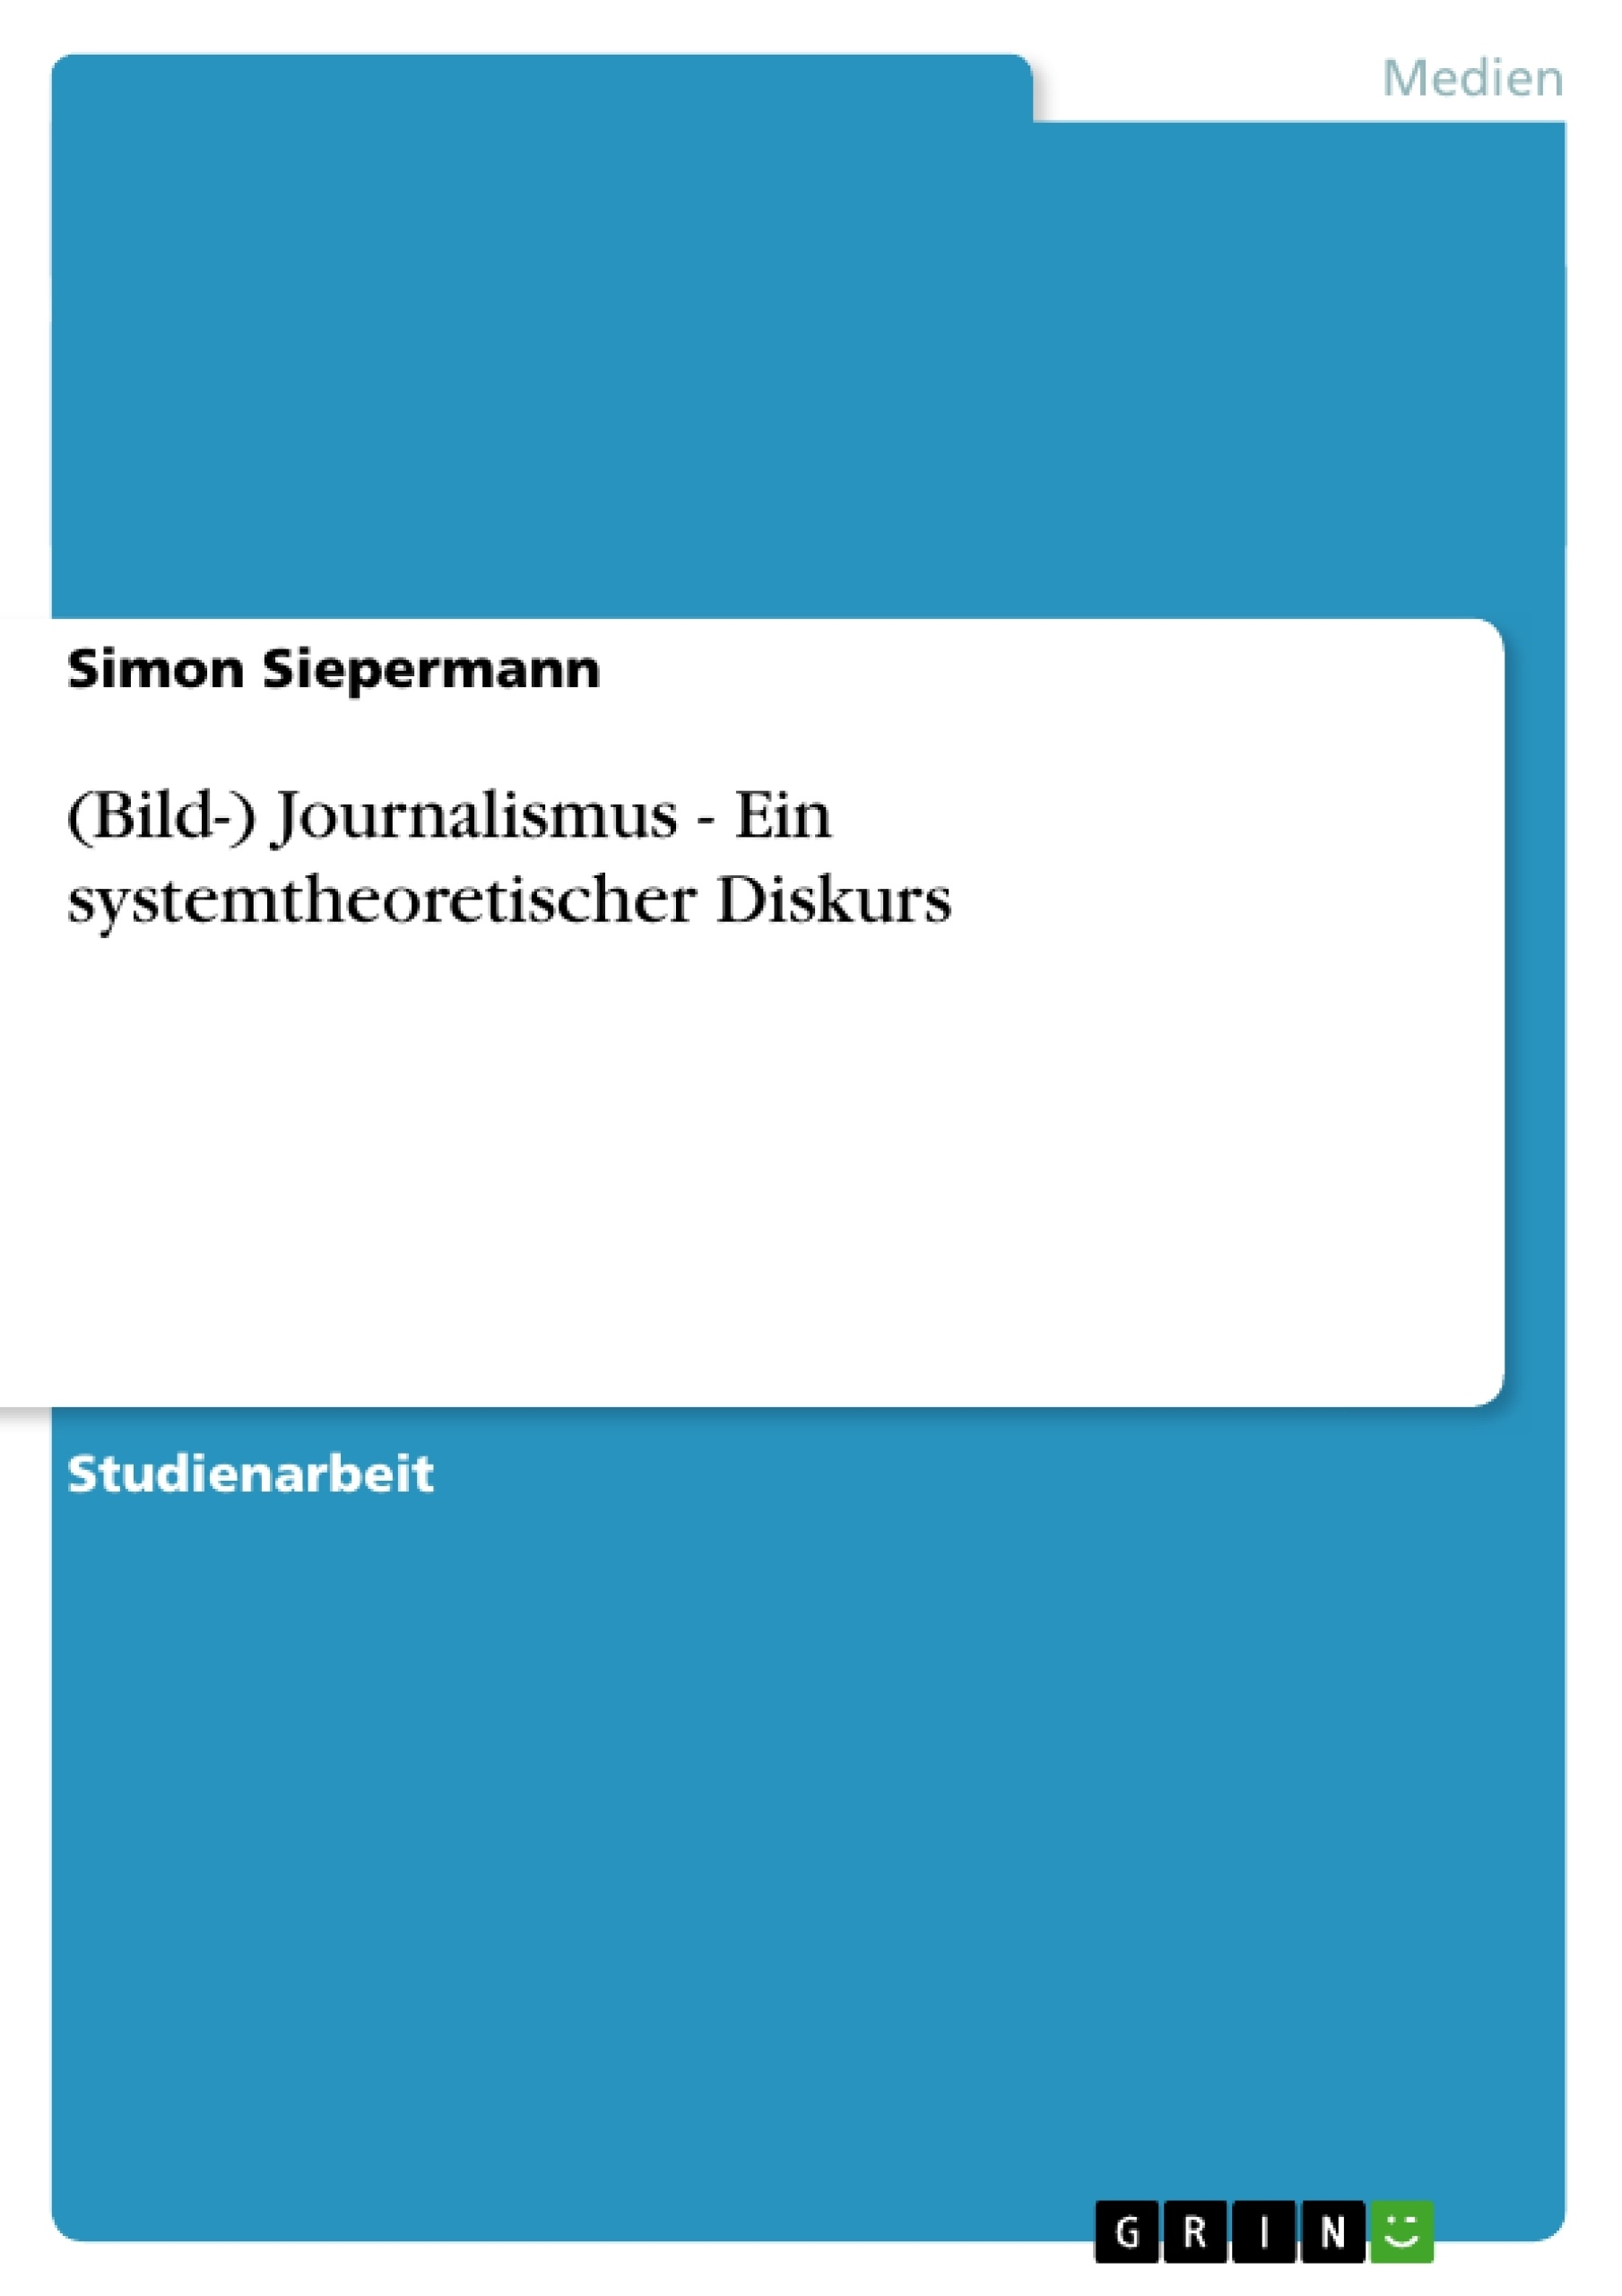 Titel: (Bild-) Journalismus - Ein systemtheoretischer Diskurs